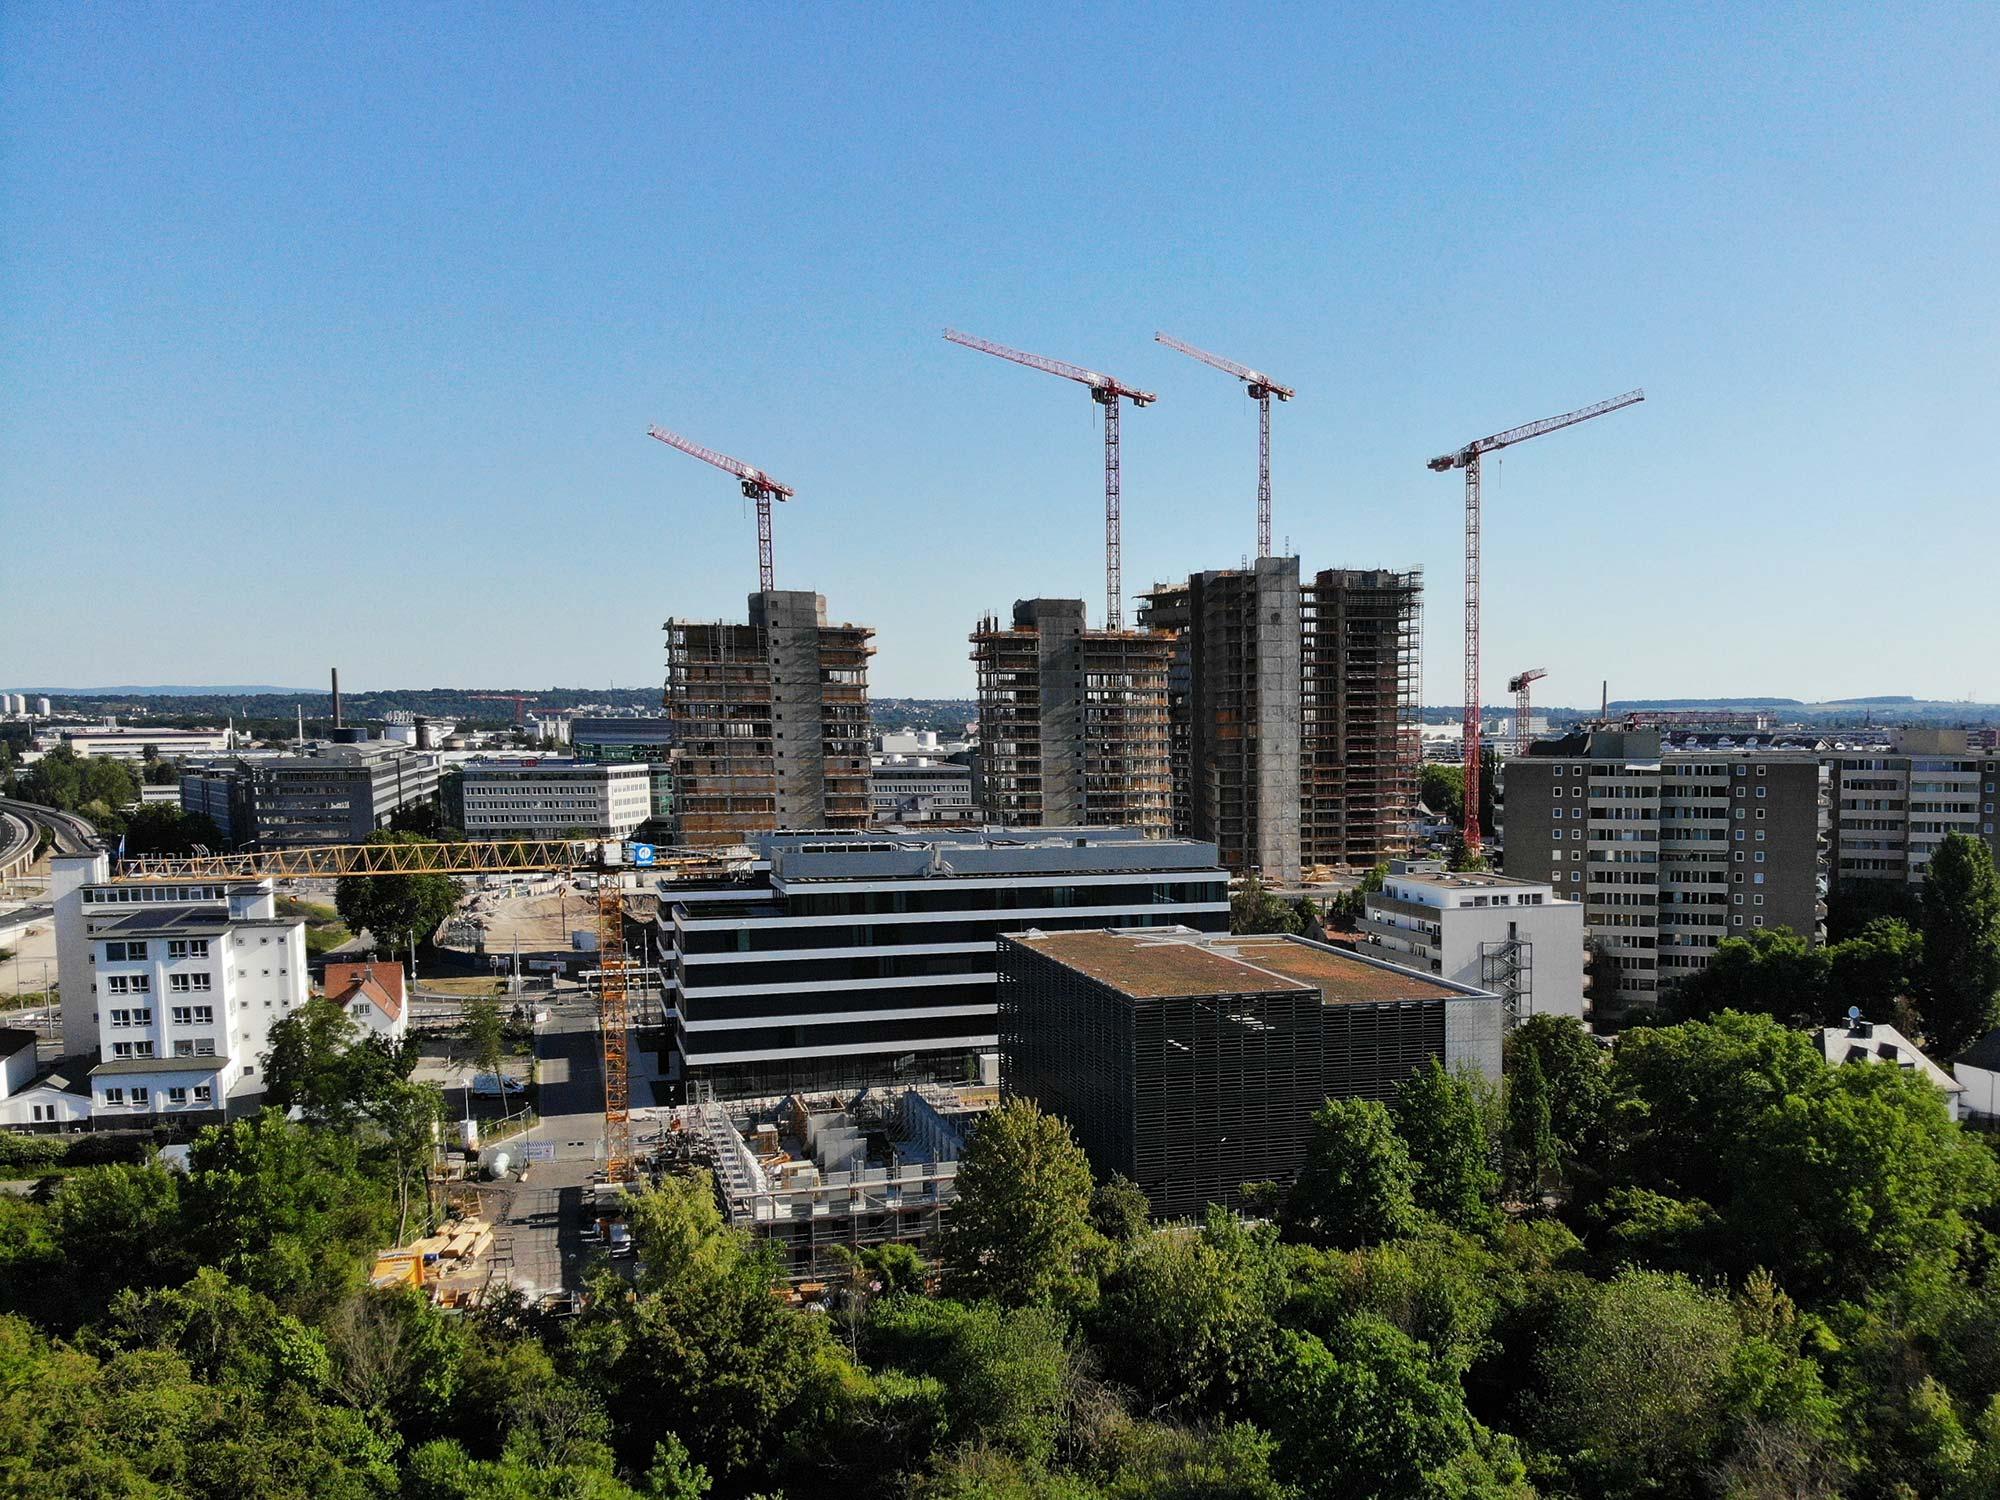 Die ehemaligen Siemens Bürotürme werden in Wohnhochhäuser verwandelt: Die New Frankfurt Towers im Projekt Vitopia Campus (Sommer 2020)